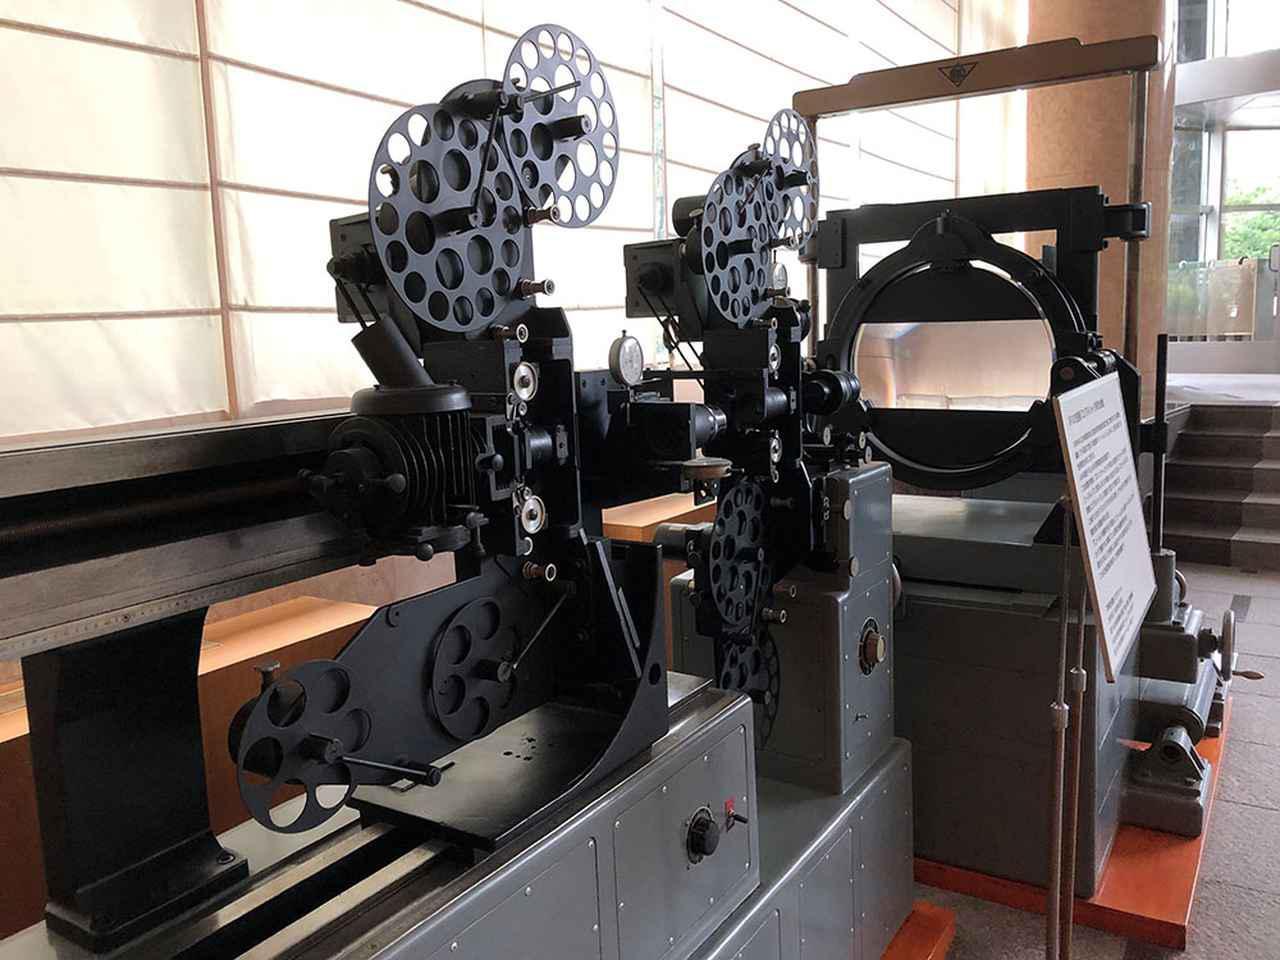 画像: 試写が行われた五反田・イマジカのロビーに展示されている「エリアルイメージ特殊合成機」。制作されたばかりの1966年、『大魔神怒る』では武神像が湖を割って進む有名なカットのオプチカル合成で使われている